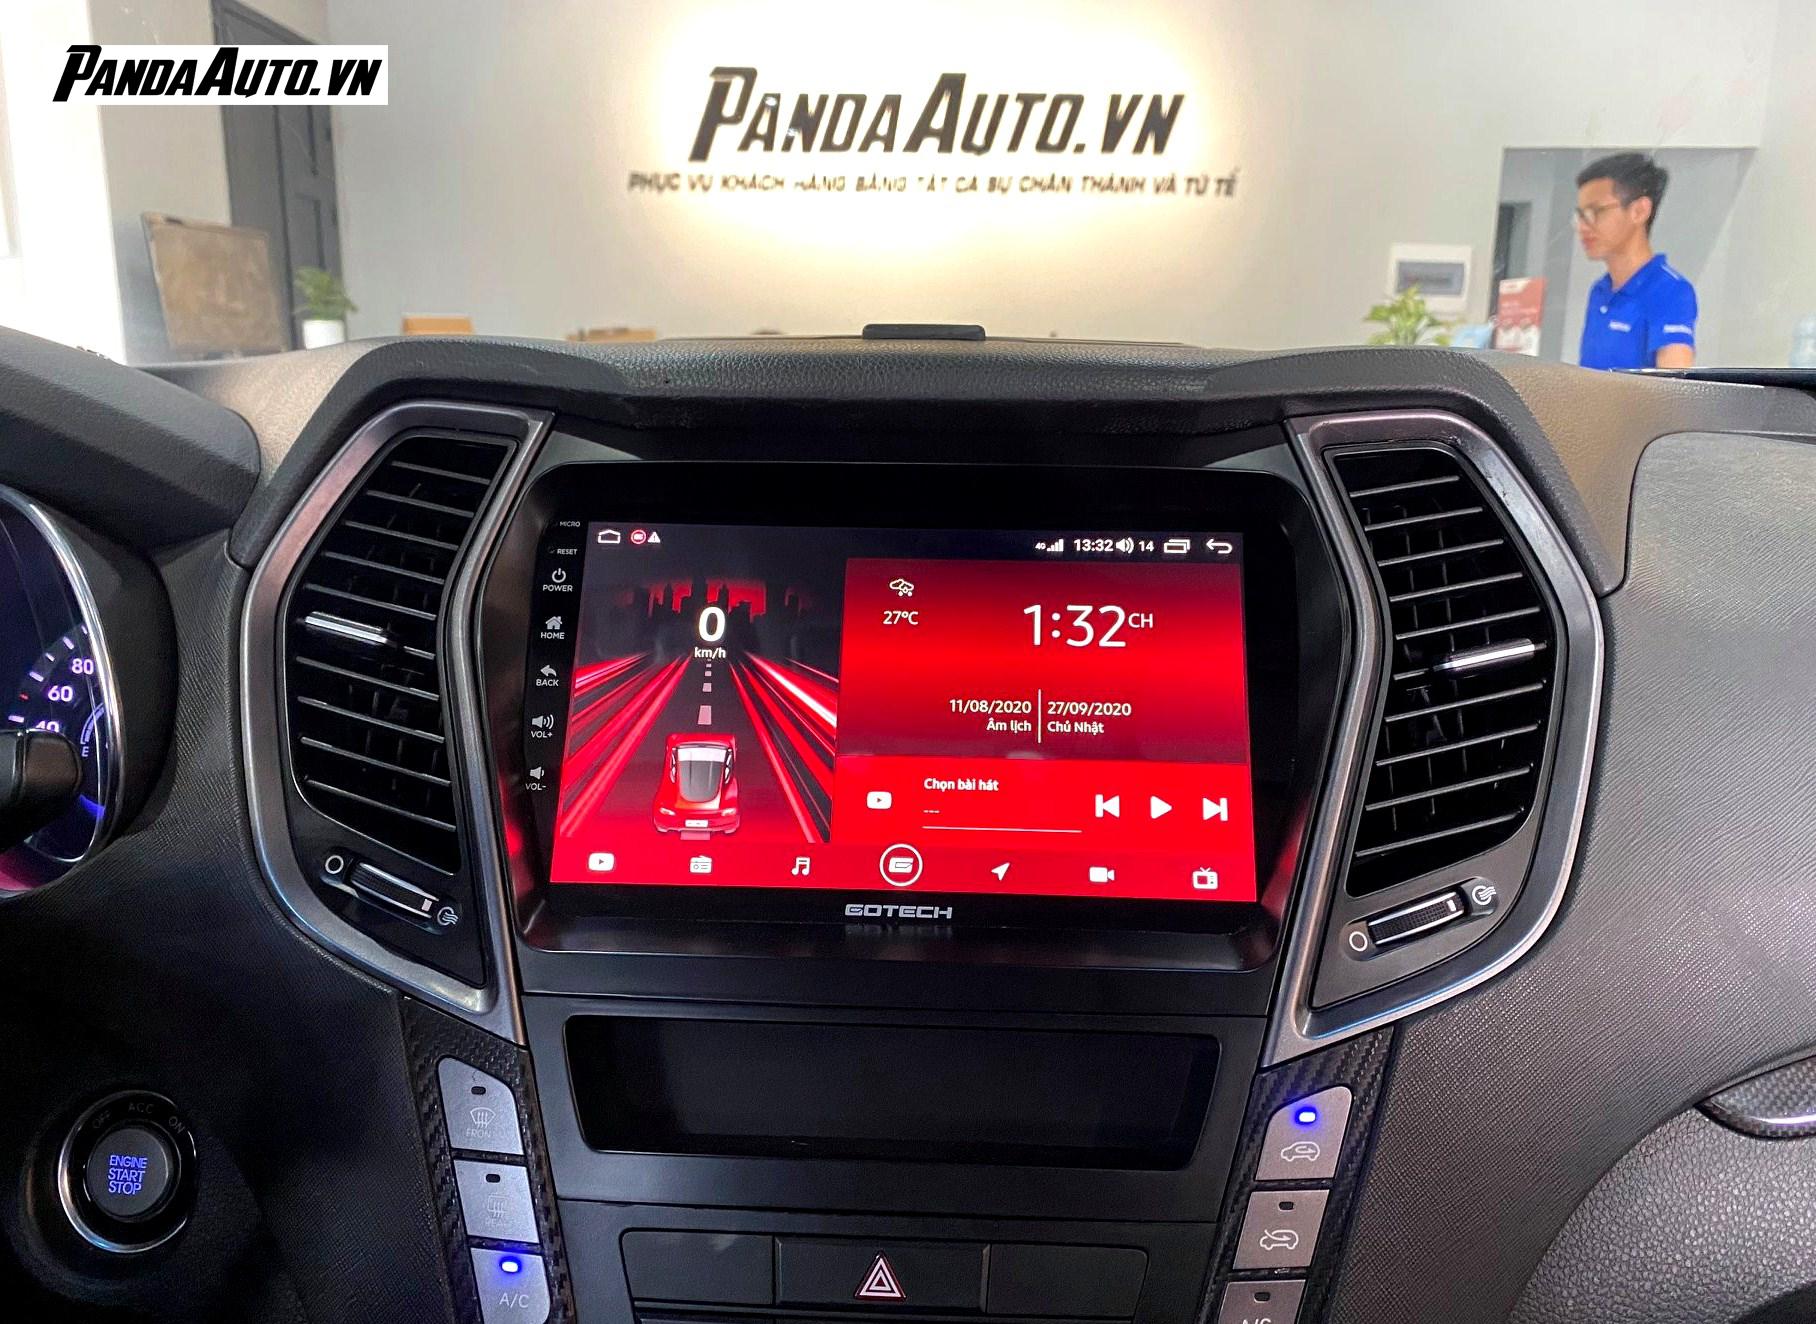 Lắp màn hình ô tô Gotech tại Showroom Panda Auto